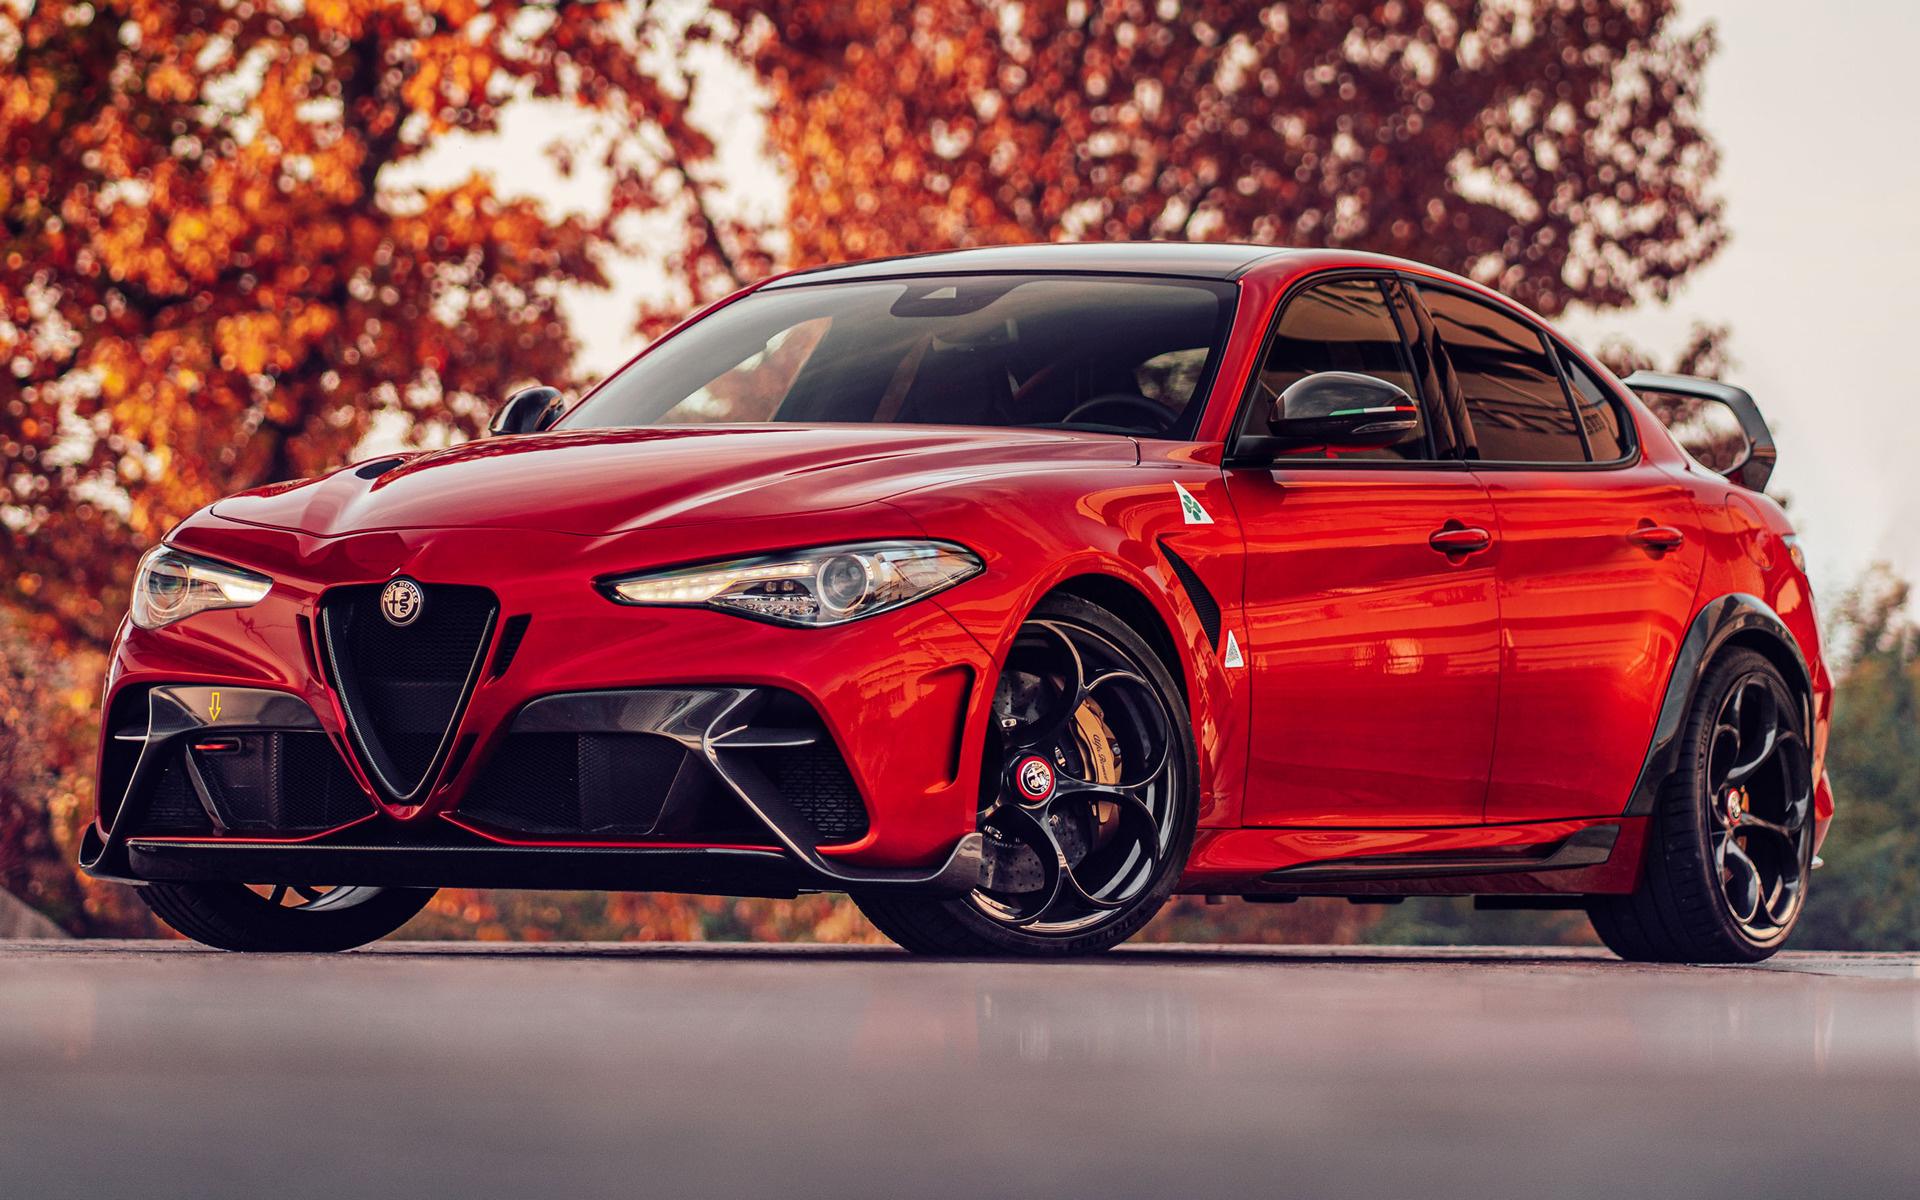 2020 Alfa Romeo Giulia Gtam Wallpapers And Hd Images Car Pixel